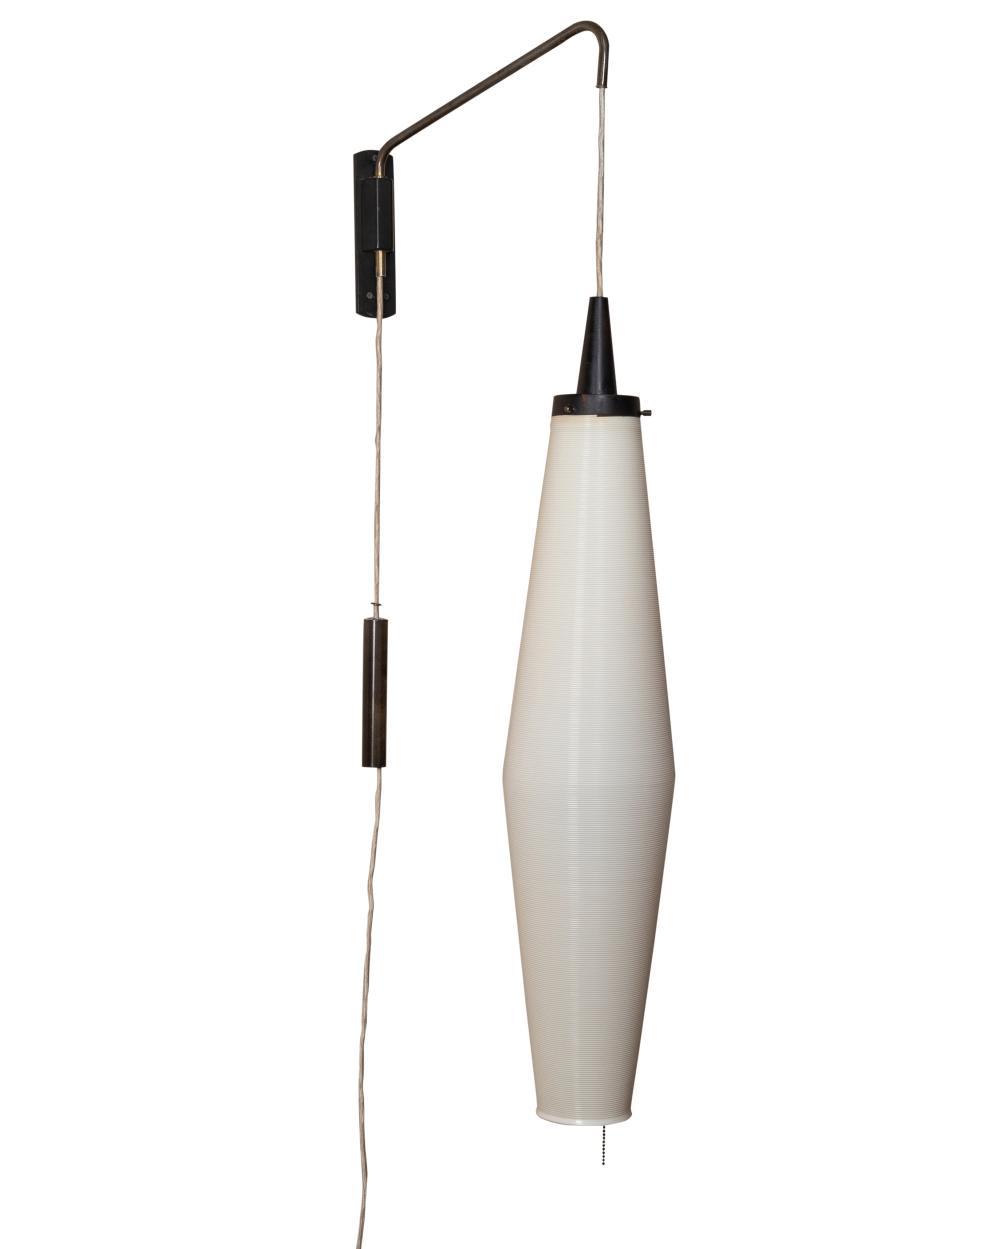 Yasha Heifetz - Rotaflex - Wall Mounted Lamp